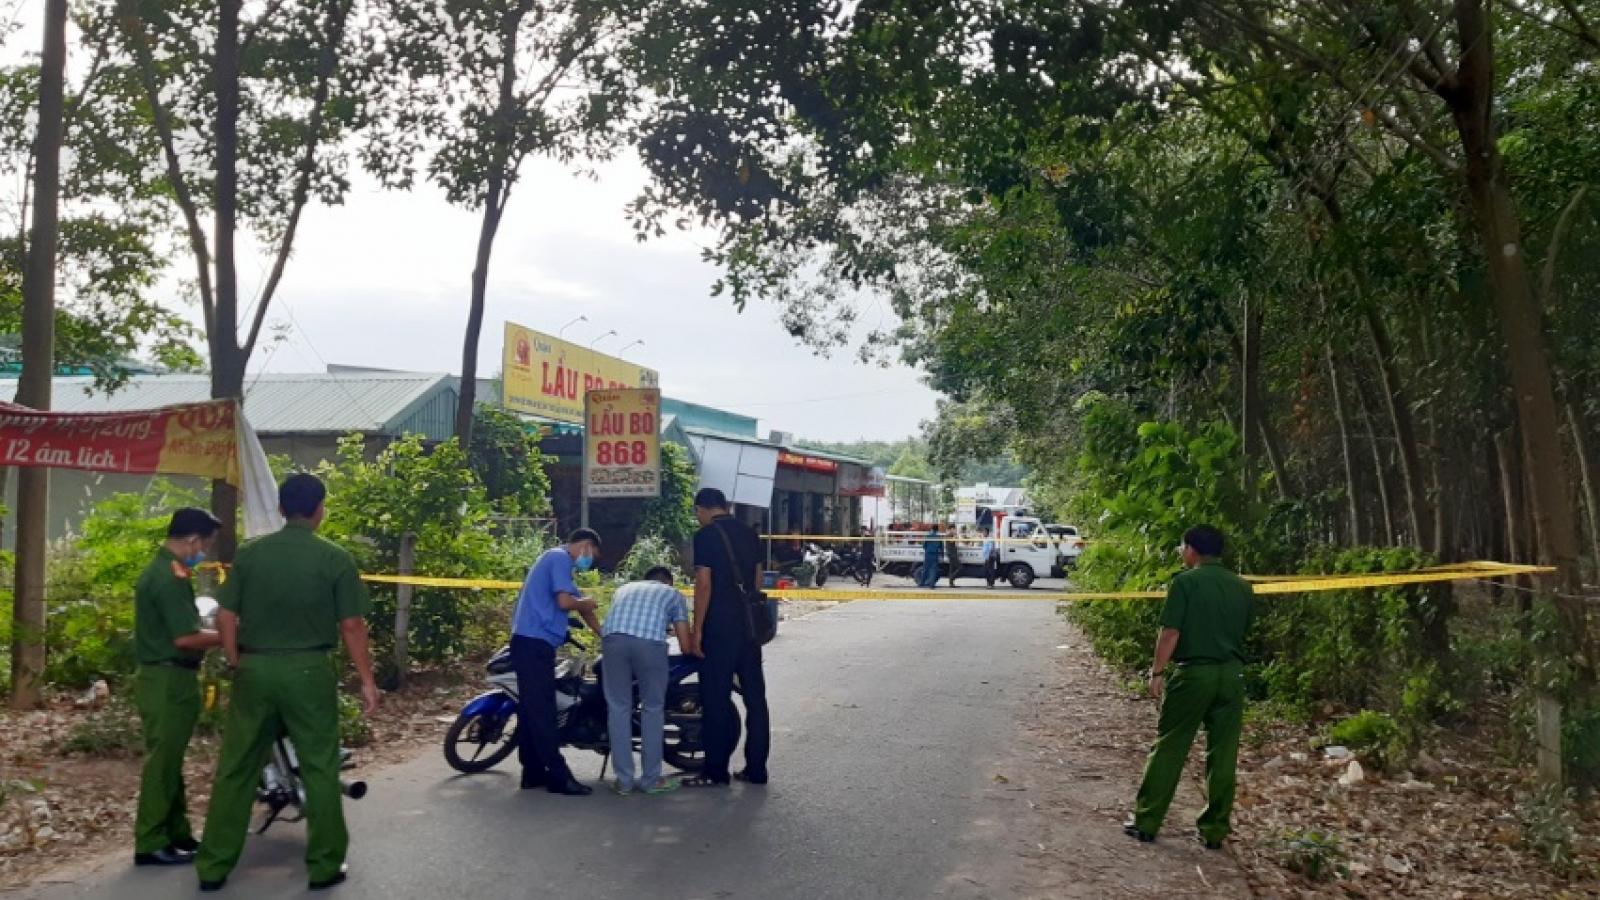 Án mạng tại quán nhậu ở Bình Dương, 3 người chết, 2 người bị thương